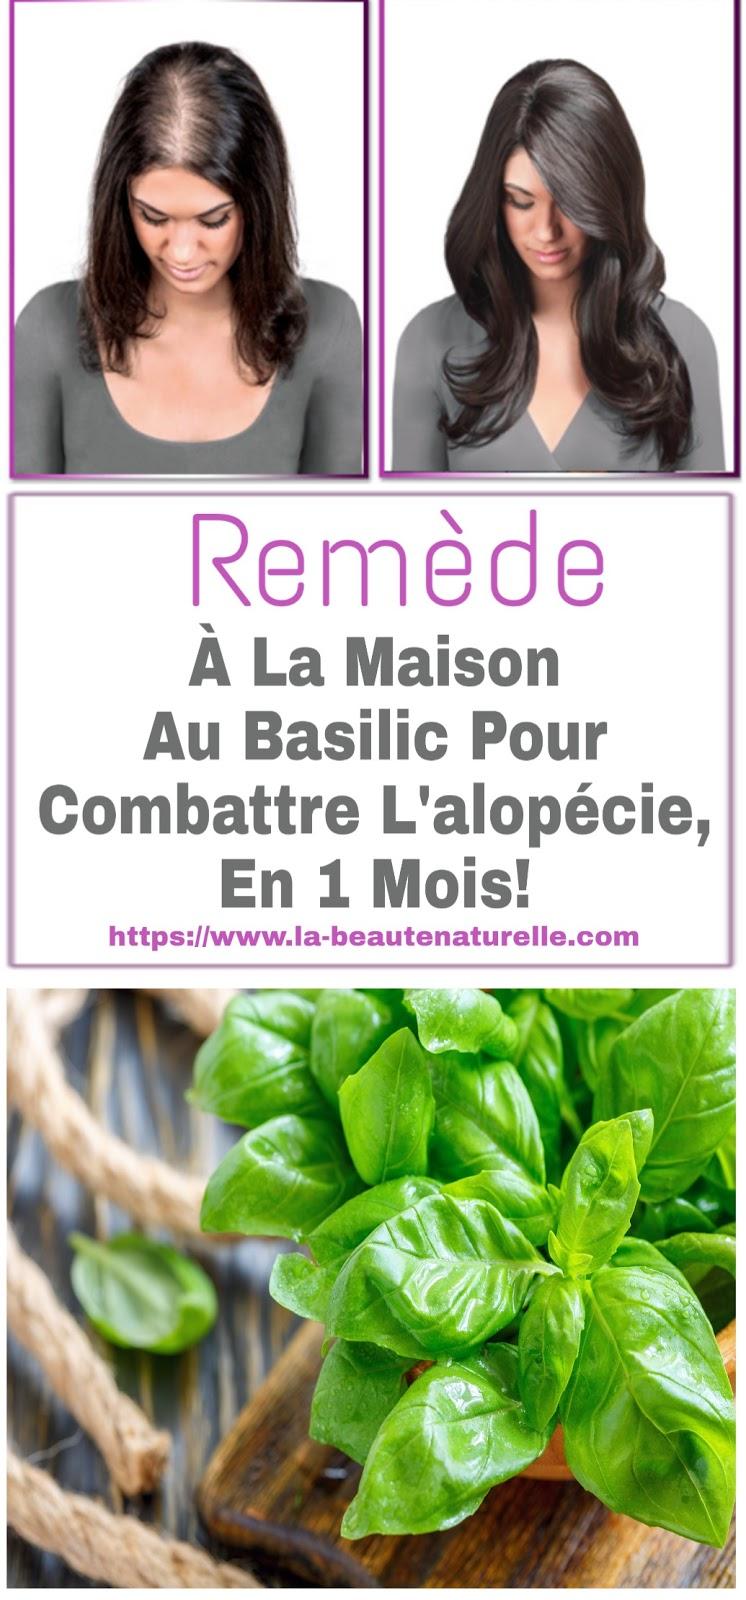 Remède À La Maison Au Basilic Pour Combattre L'alopécie, En 1 Mois!